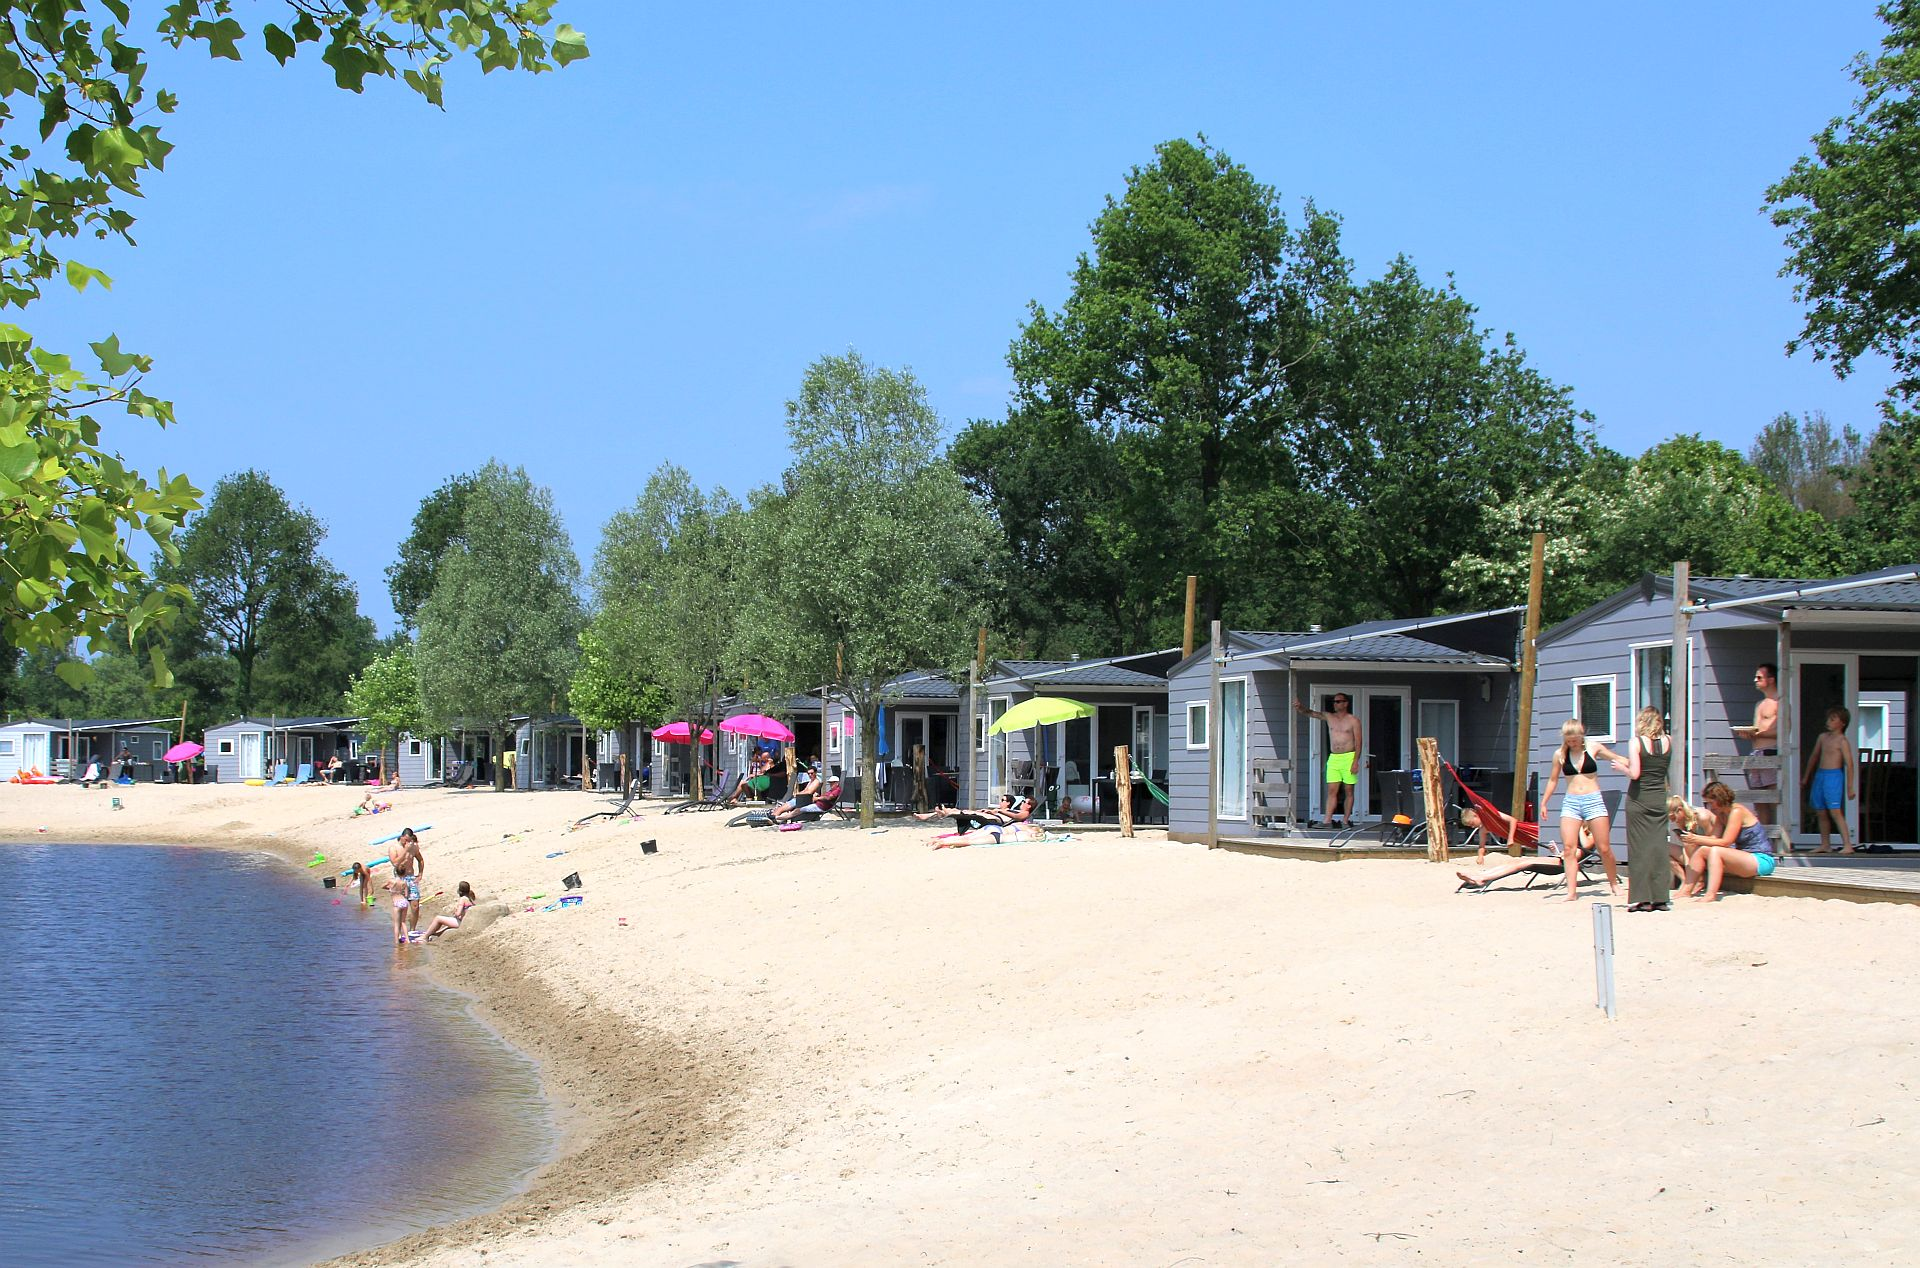 Chalet verhuur in Overijssel met verrassende strandvakantie - chalet verhuur in Overijssel